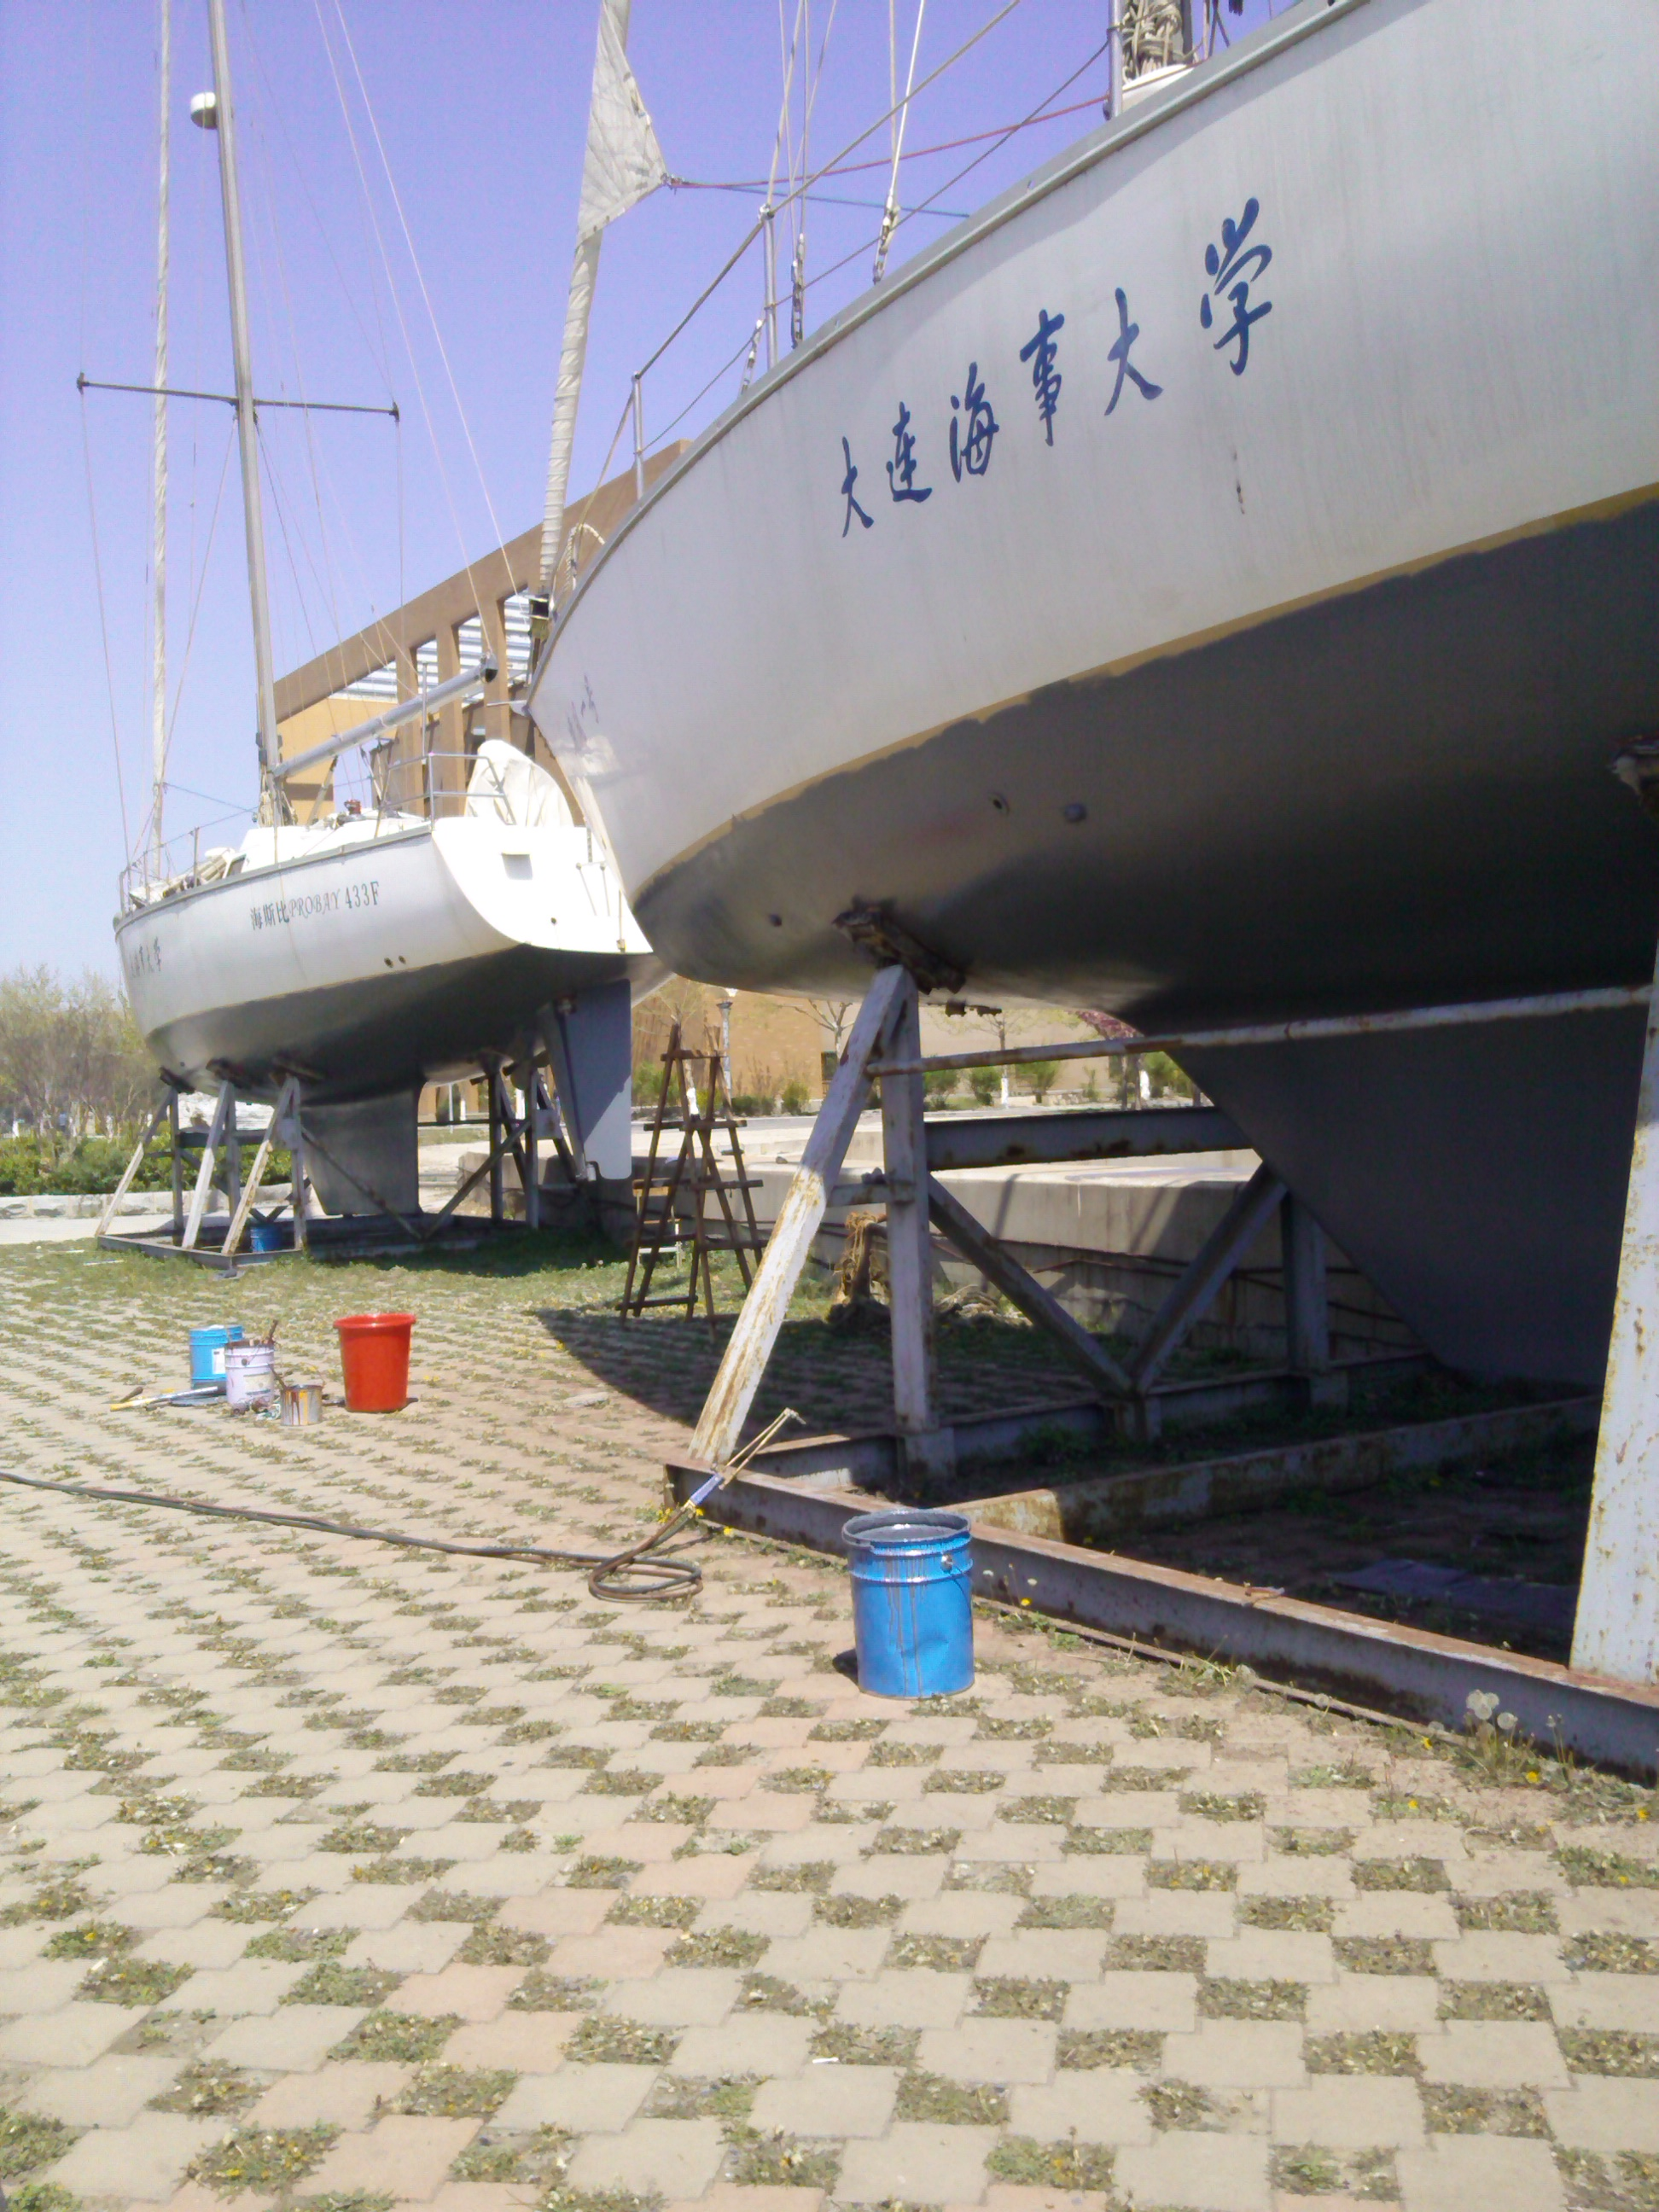 大连海事,图片,大学,帆船 大连海事大学帆船队之我们的那些事 爱船,就要爱他的一切!